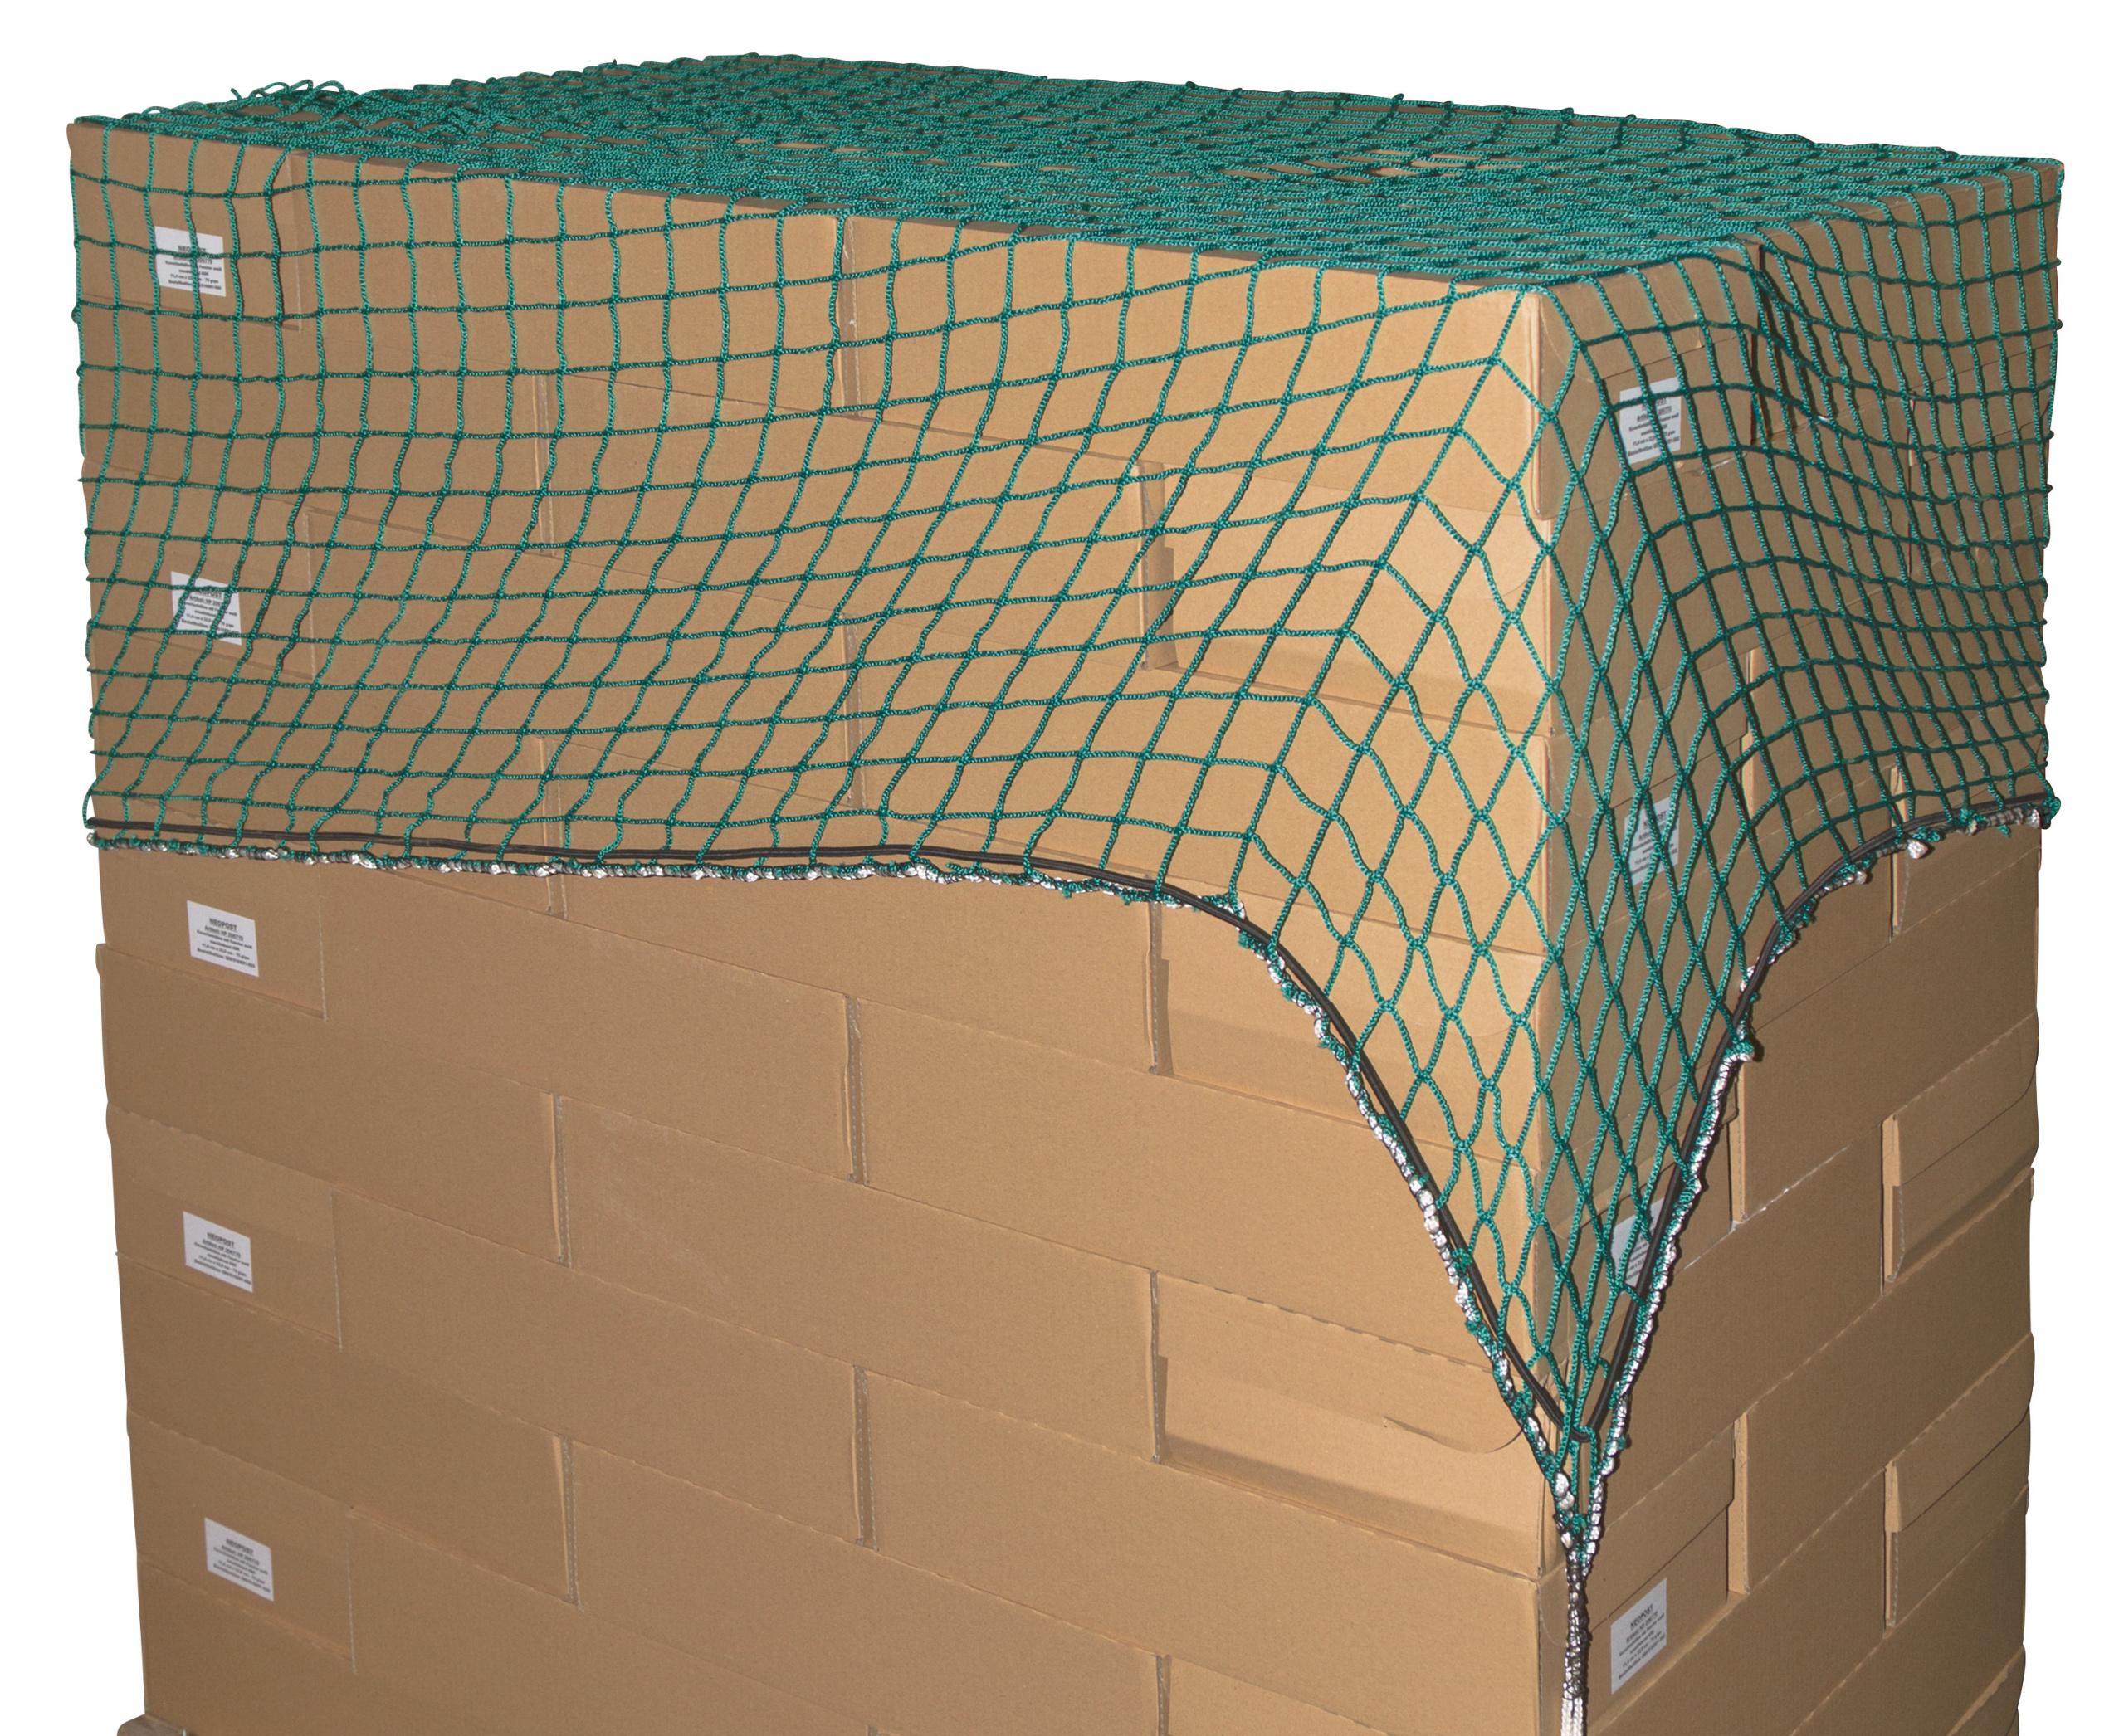 Abdecknetz 2 x 3,5m 30mm Maschenw./1,8mm Material